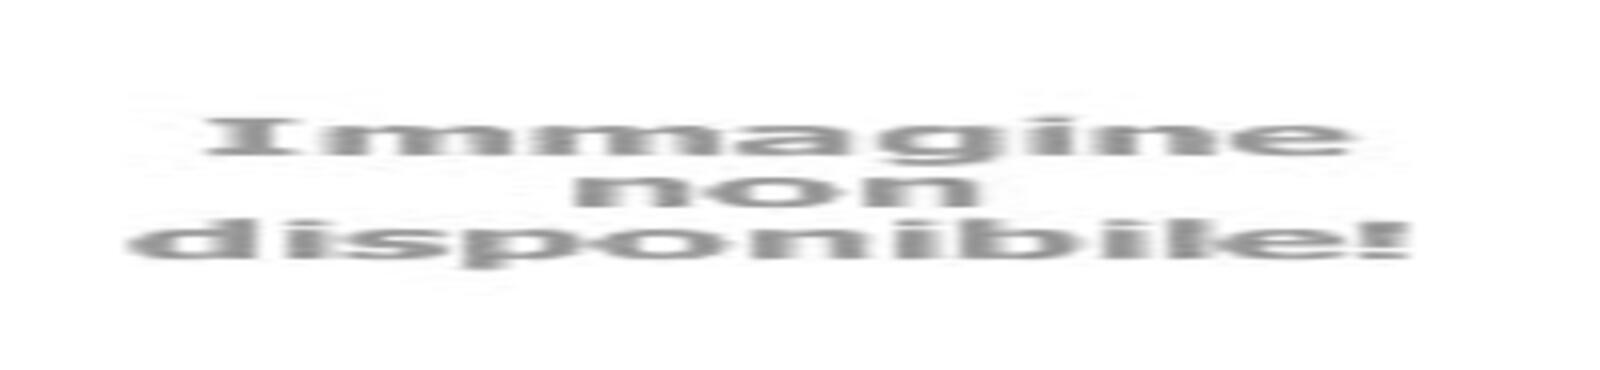 petronianaviaggi it capodanno-il-lago-di-viverone-atmosfera-natalizia-ad-aosta-torino-la-manifestazione-luci-di-artista-v351 002